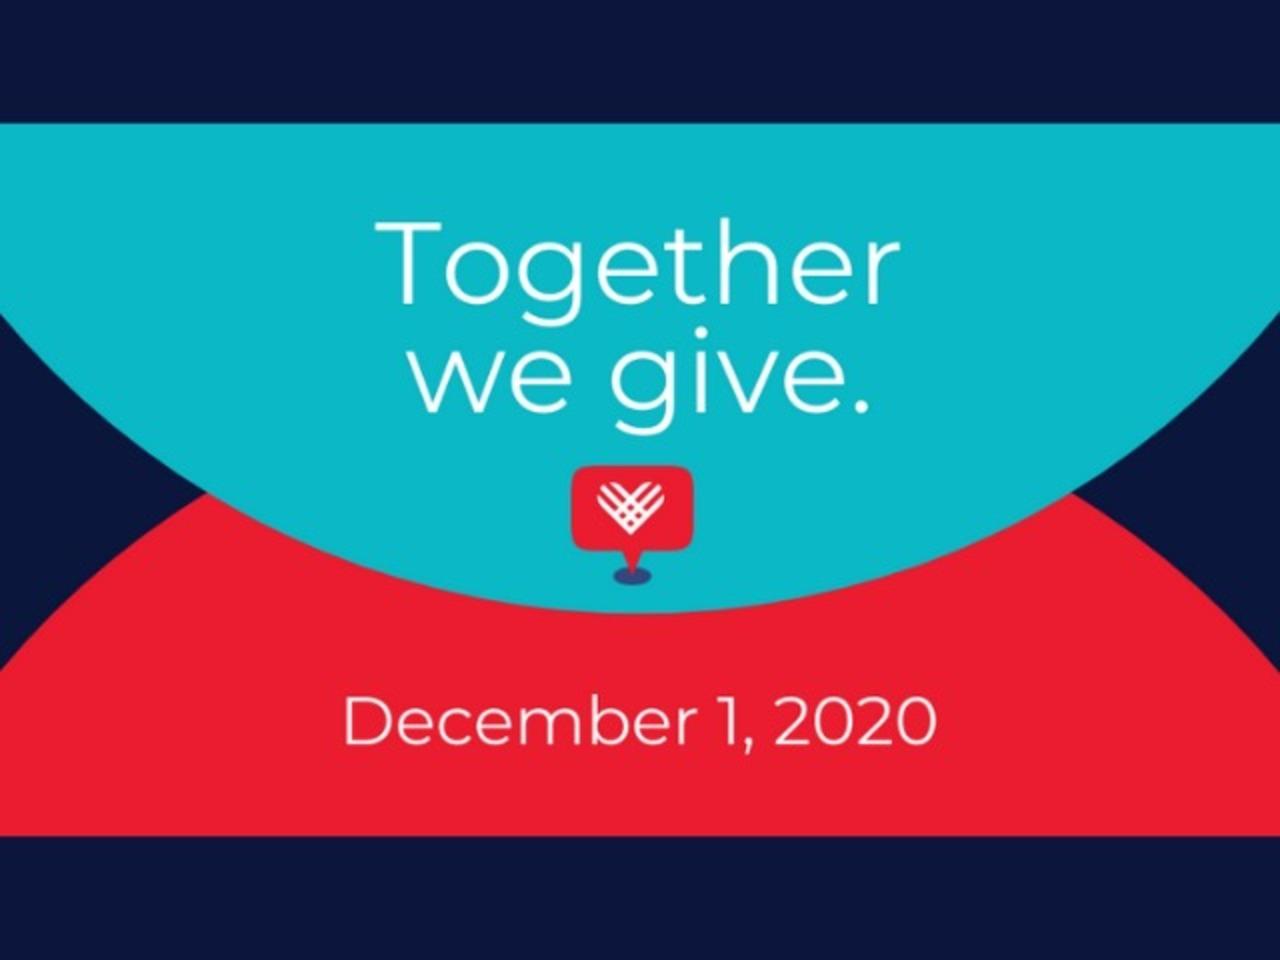 #GivingTuesday 2020